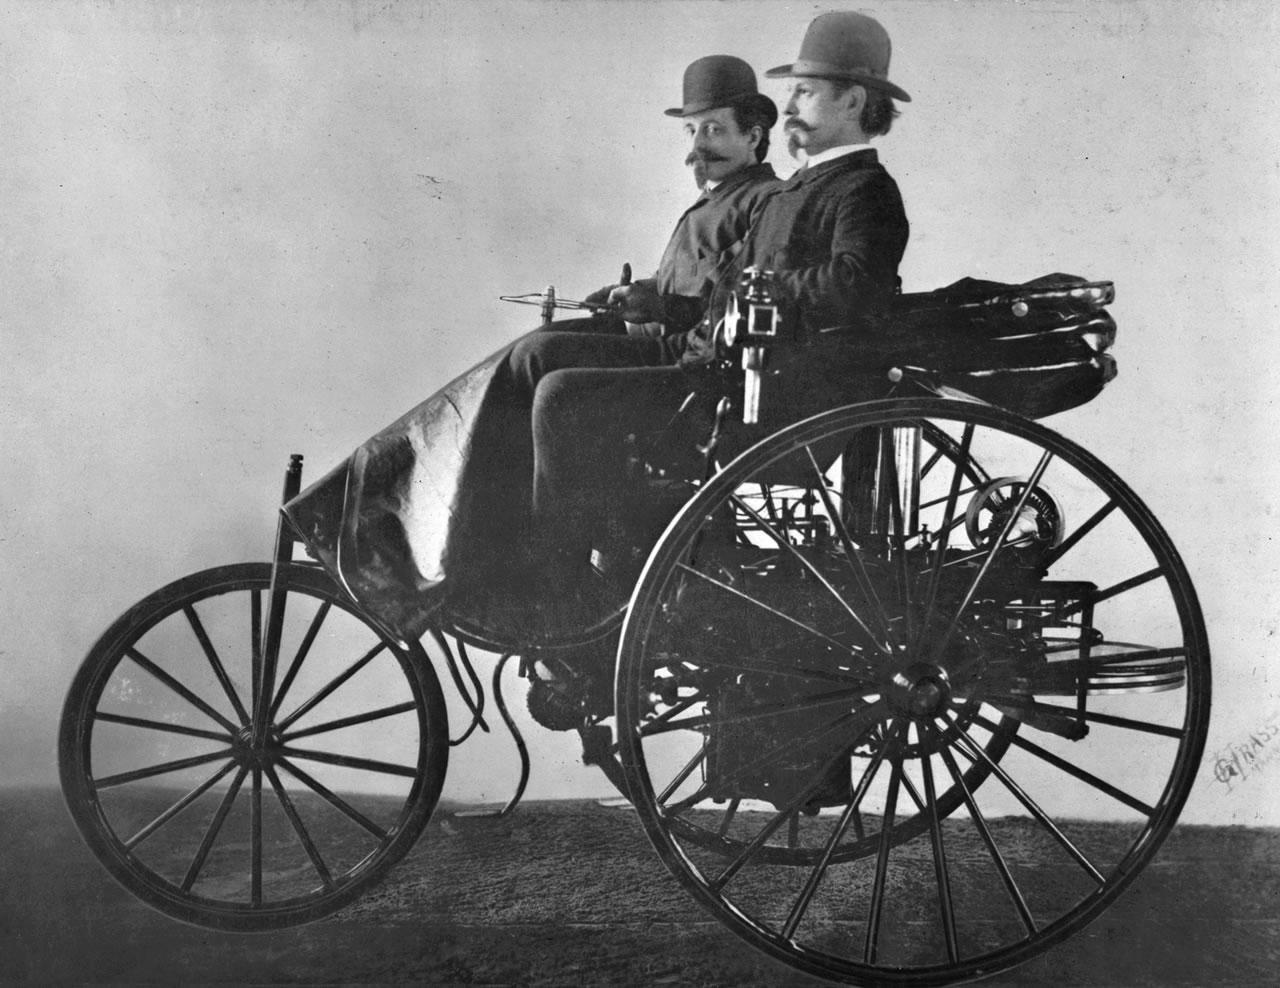 Karl Benz y un amigo, en su modelo III. No son hipsters, son personas.